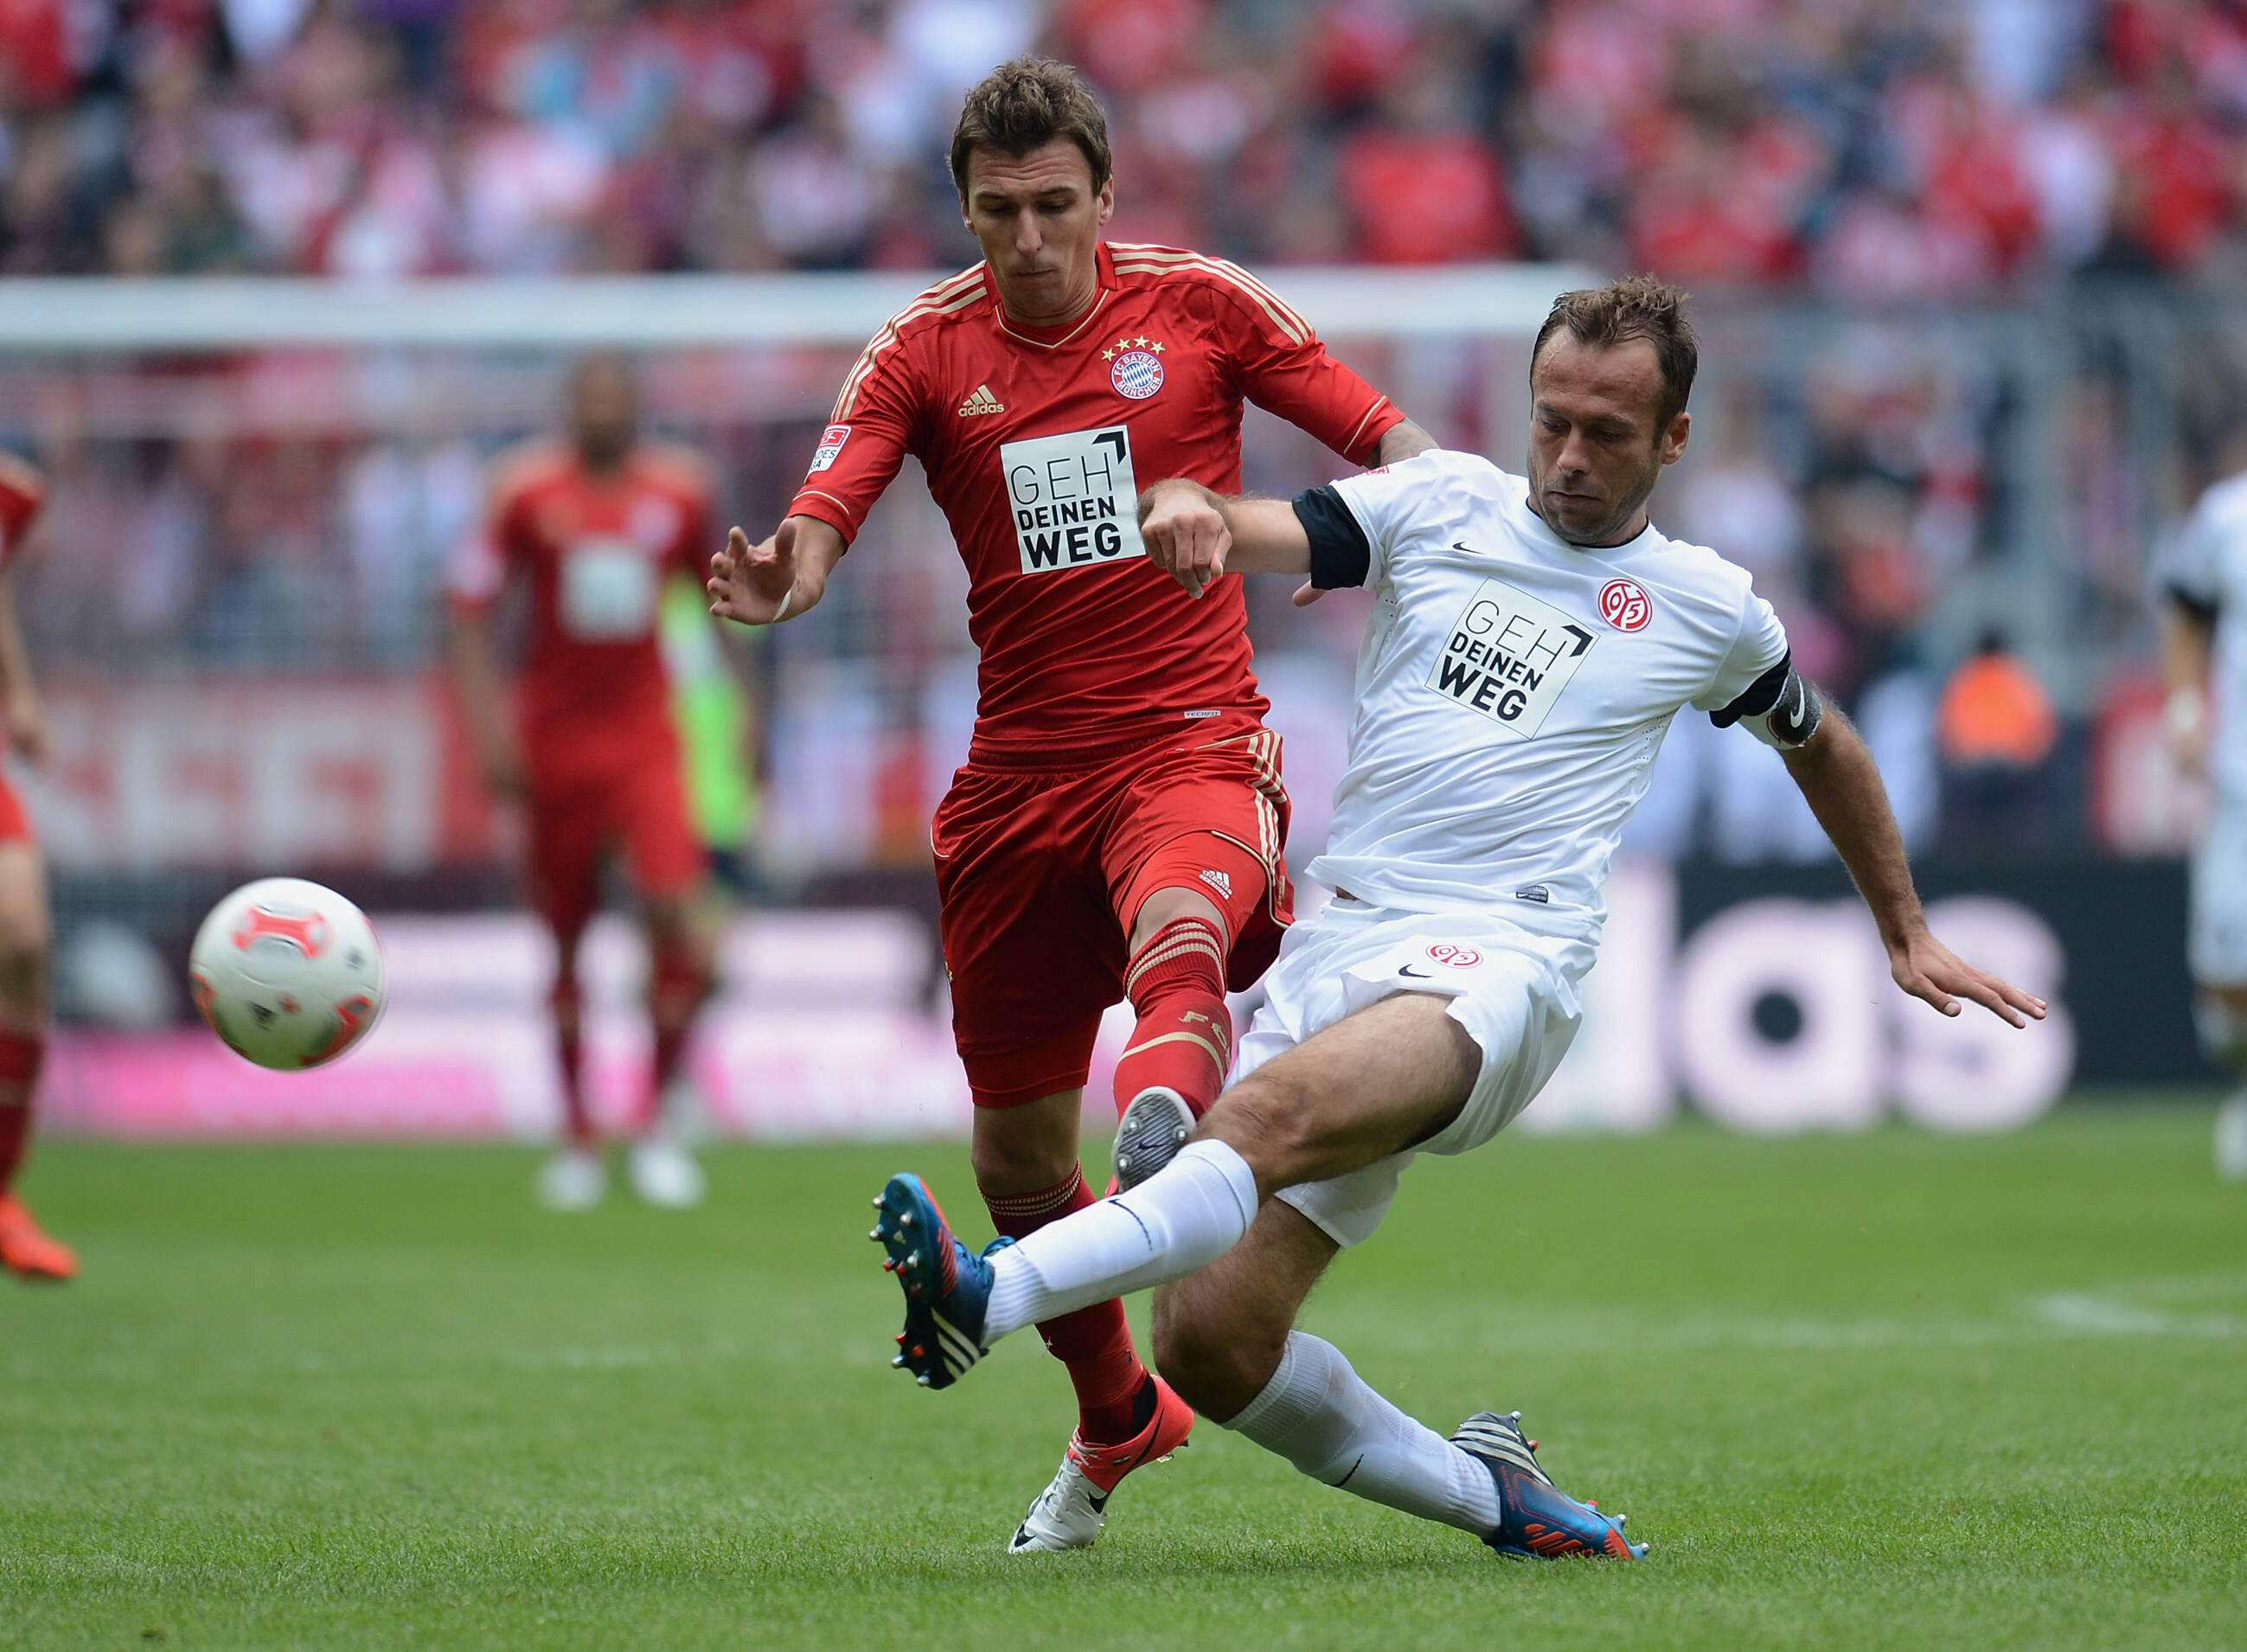 图德甲第拜仁慕尼黑对美因茨